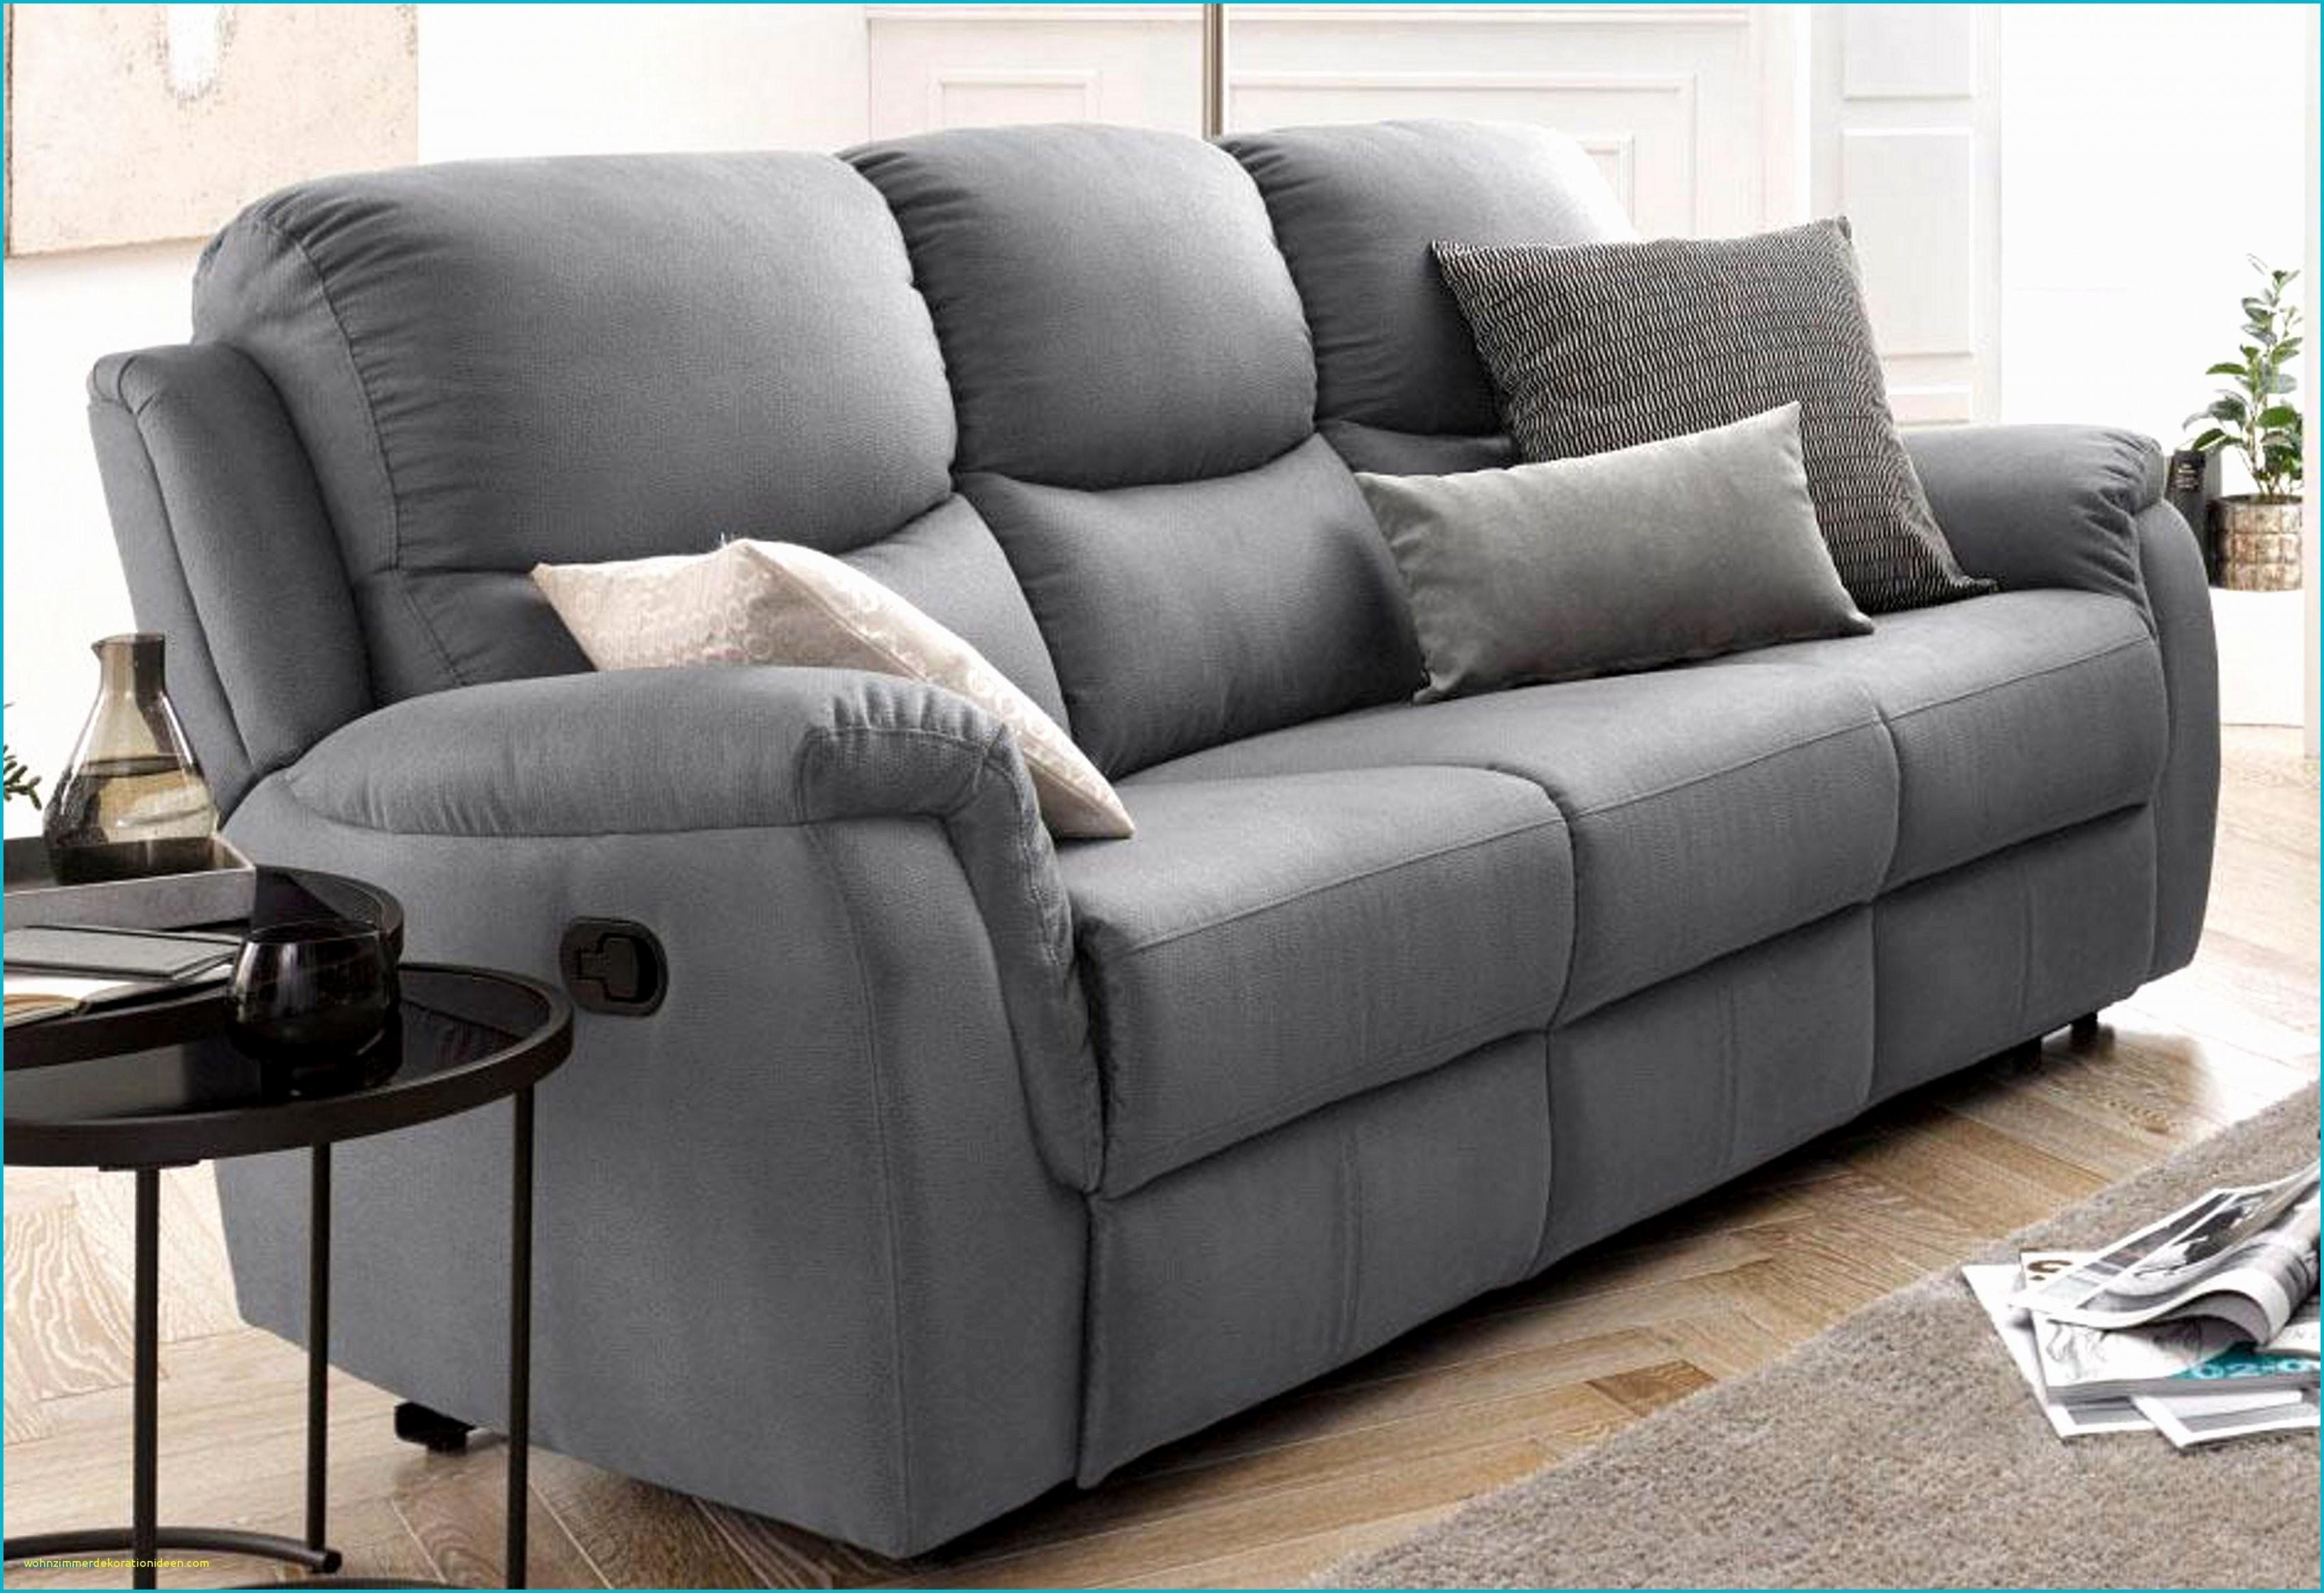 Hocker Mit Schlaffunktion Inspirierend Recamiere Schlaffunktion von 3 Sitzer Sofa Mit Bettfunktion Photo